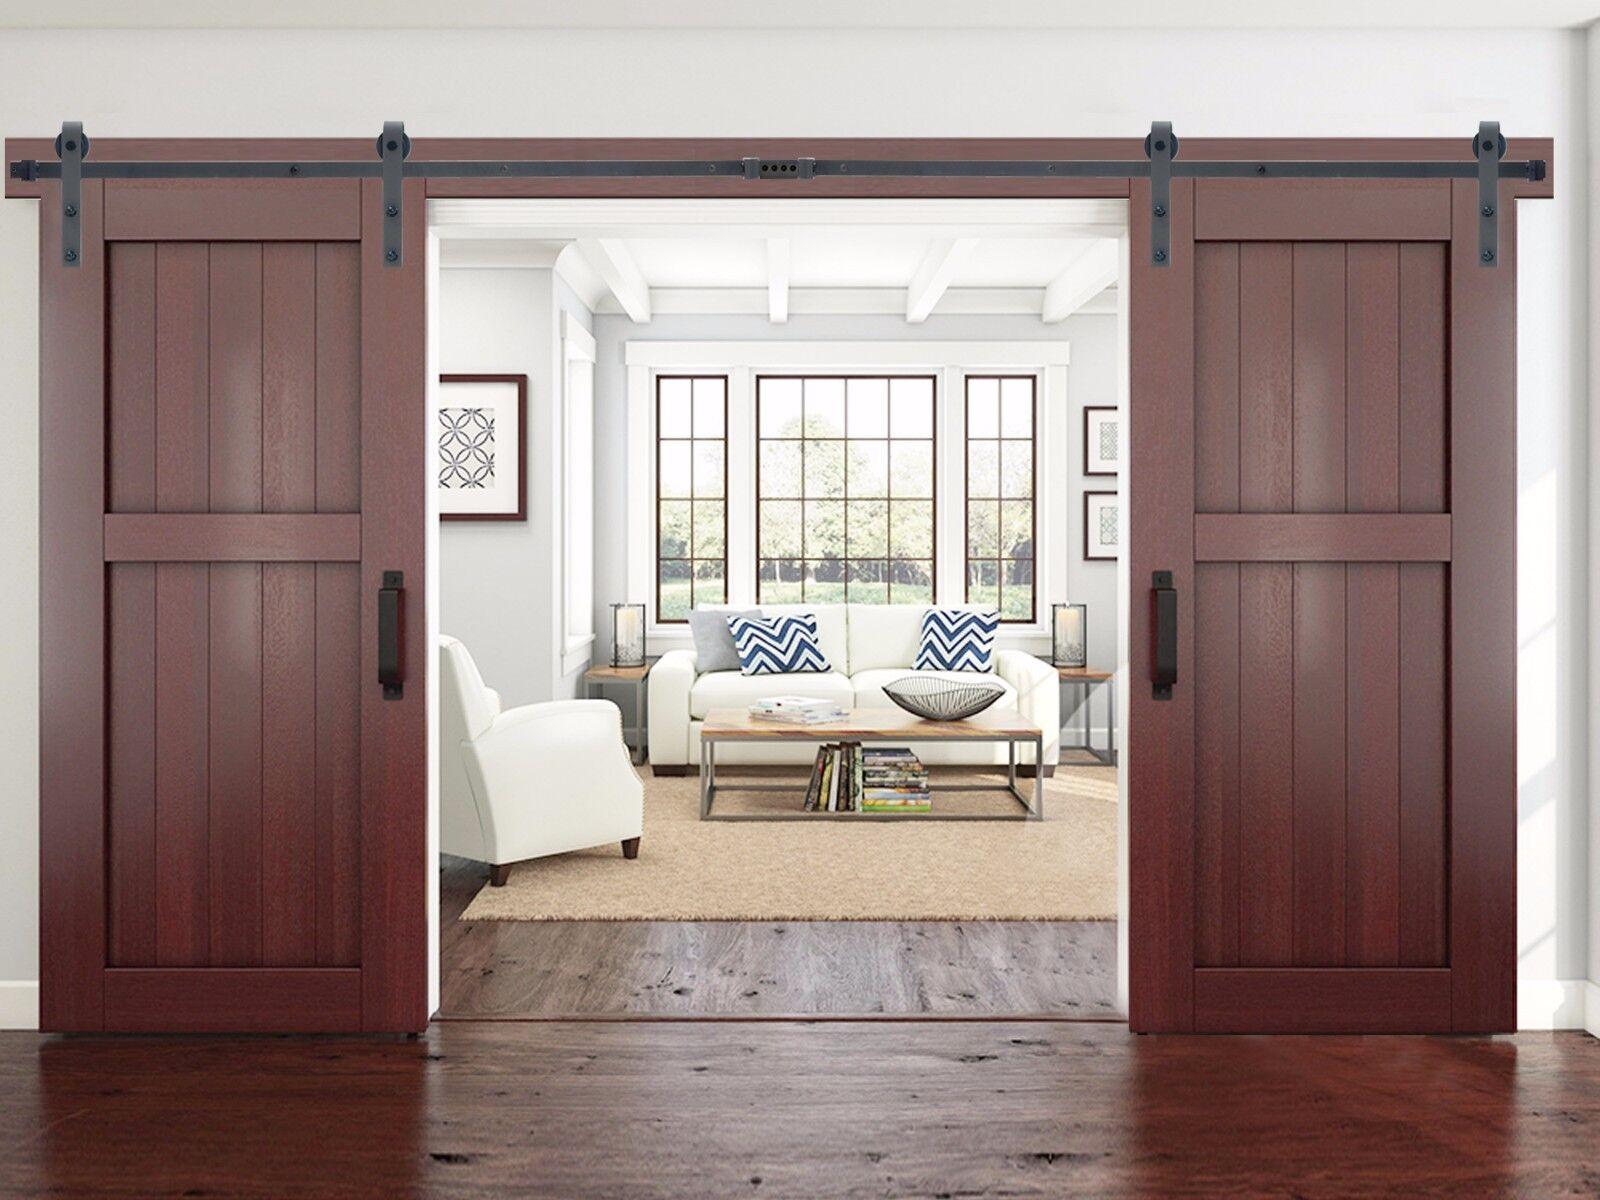 12 Ft Black Modern European Style Barn Wooden Double Sliding Door Hardware Set 691163034010 Ebay